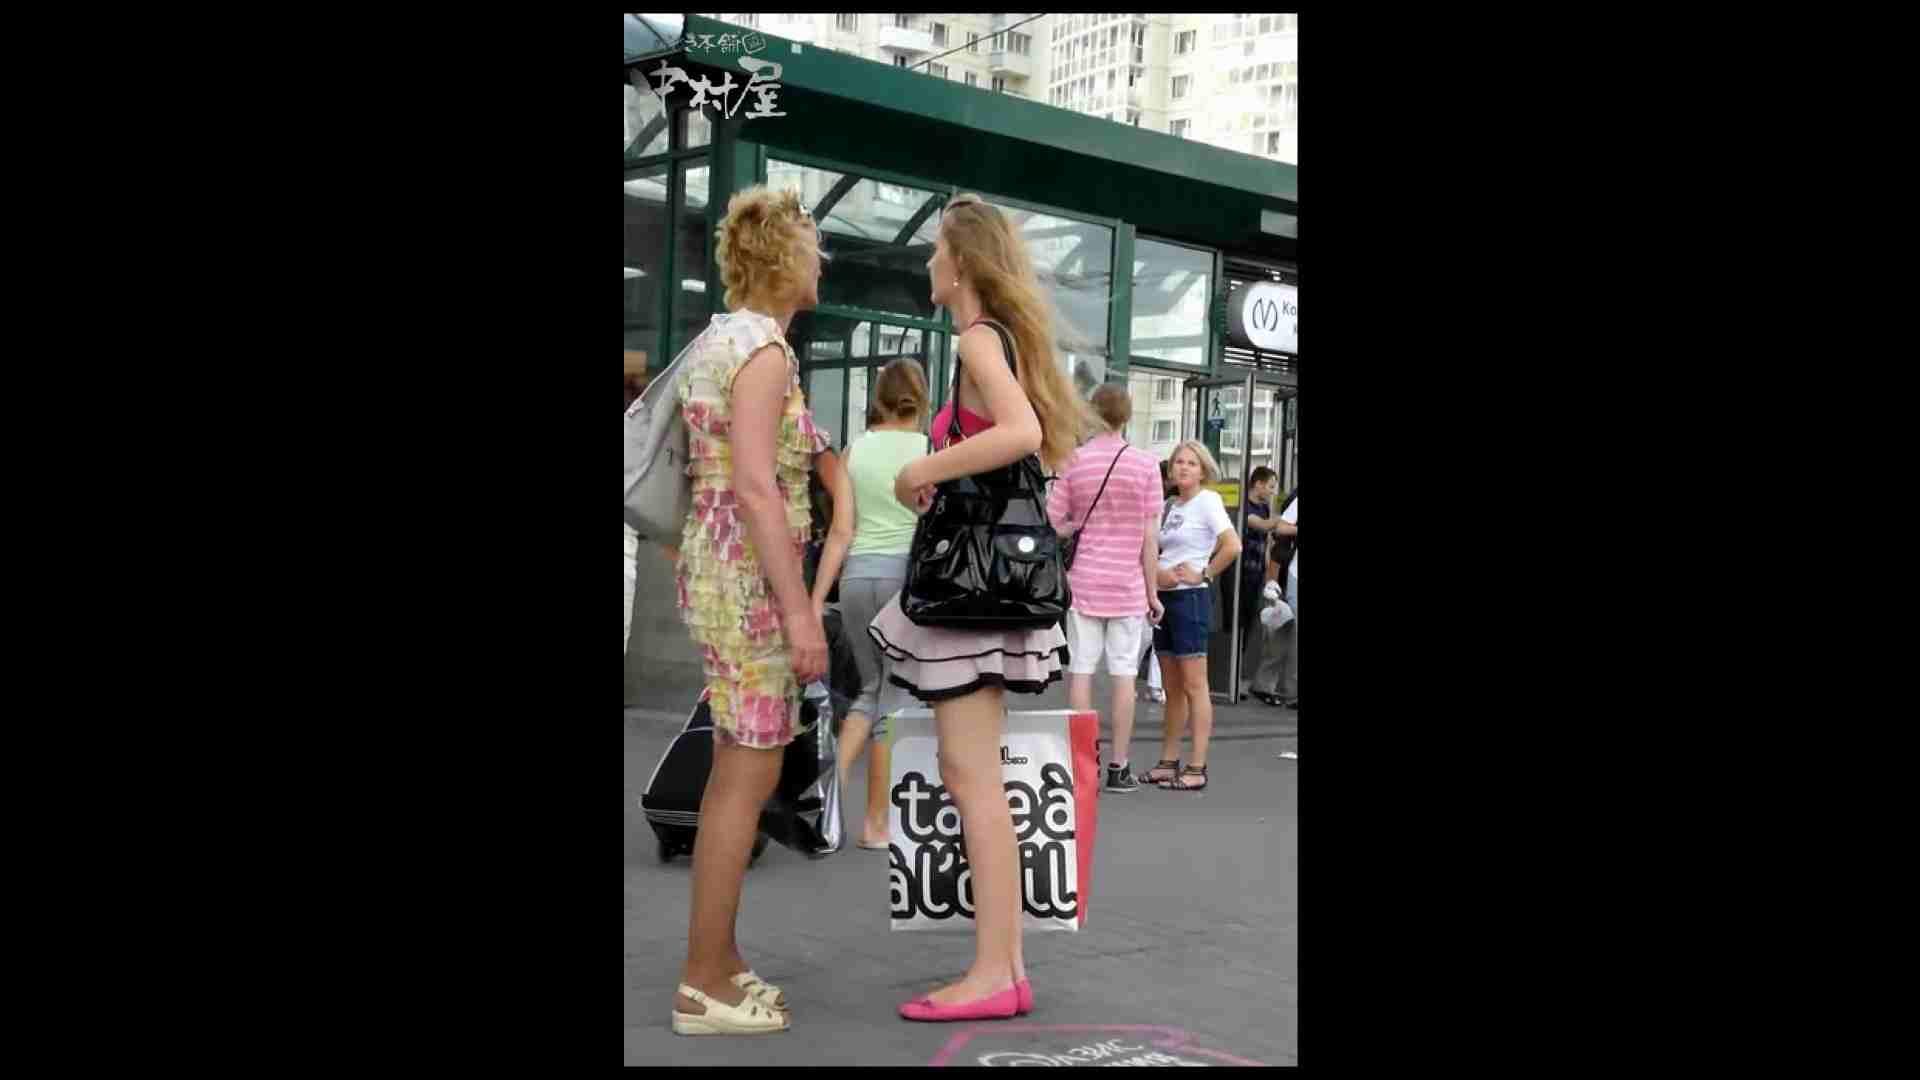 綺麗なモデルさんのスカート捲っちゃおう‼ vol30 美しいOLの裸体 戯れ無修正画像 96pic 29